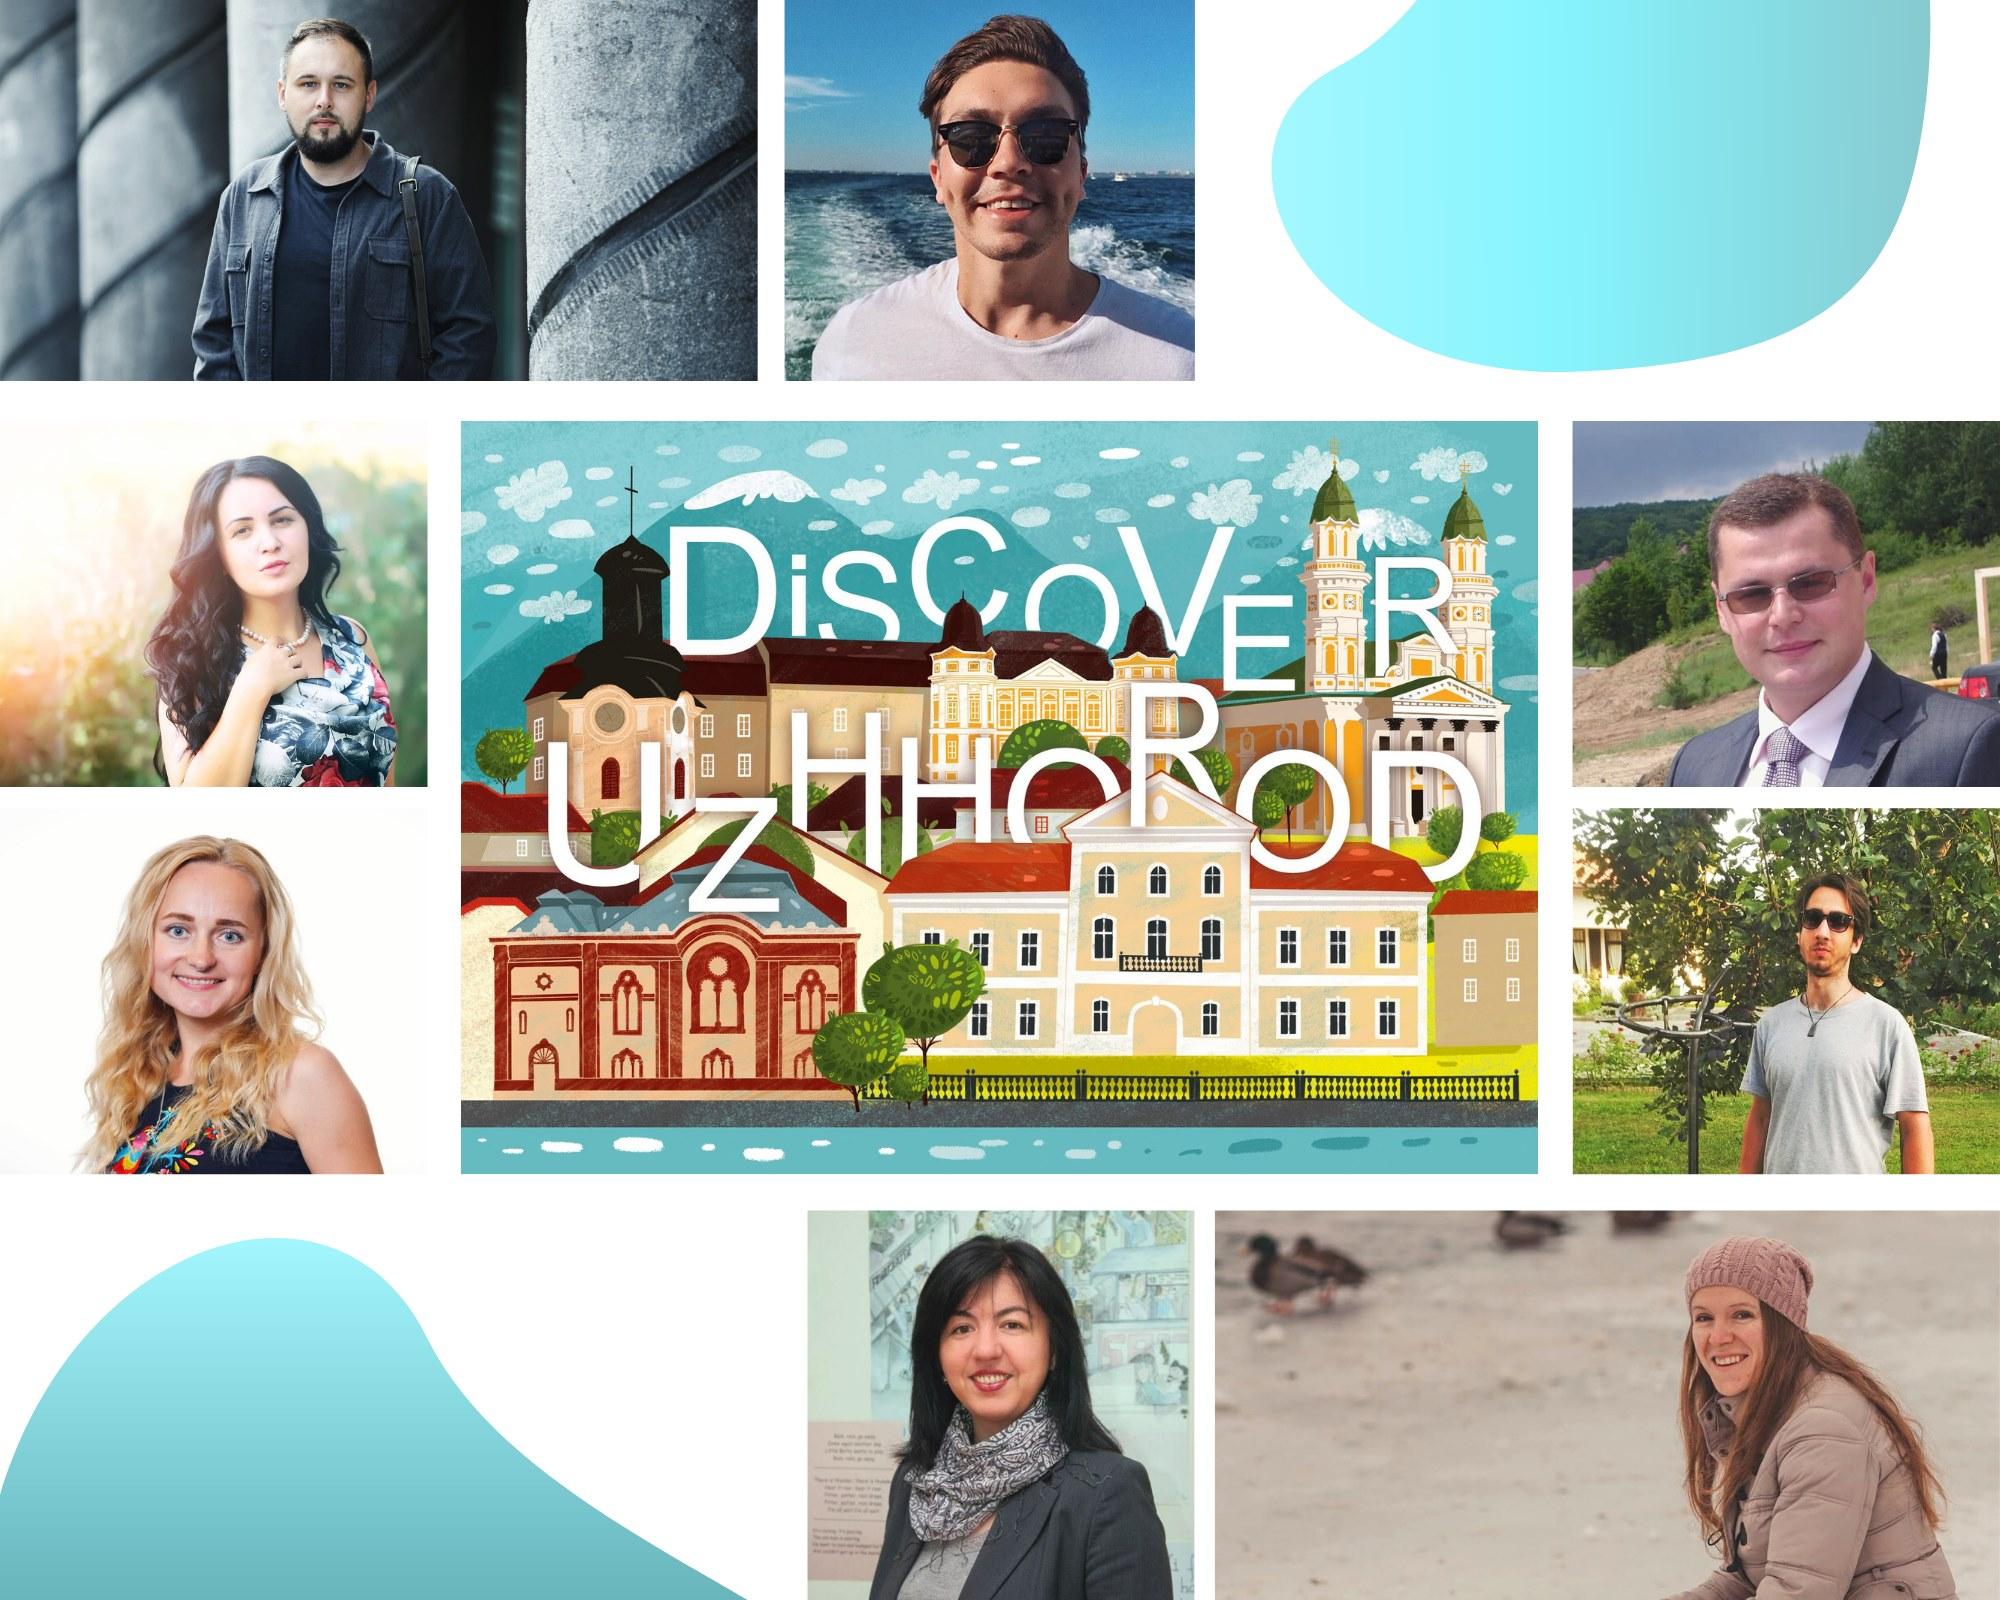 Відтепер не тільки внутрішні туристи, а й гості з-за кордону можуть пізнавати Ужгород під час самостійних прогулянок.